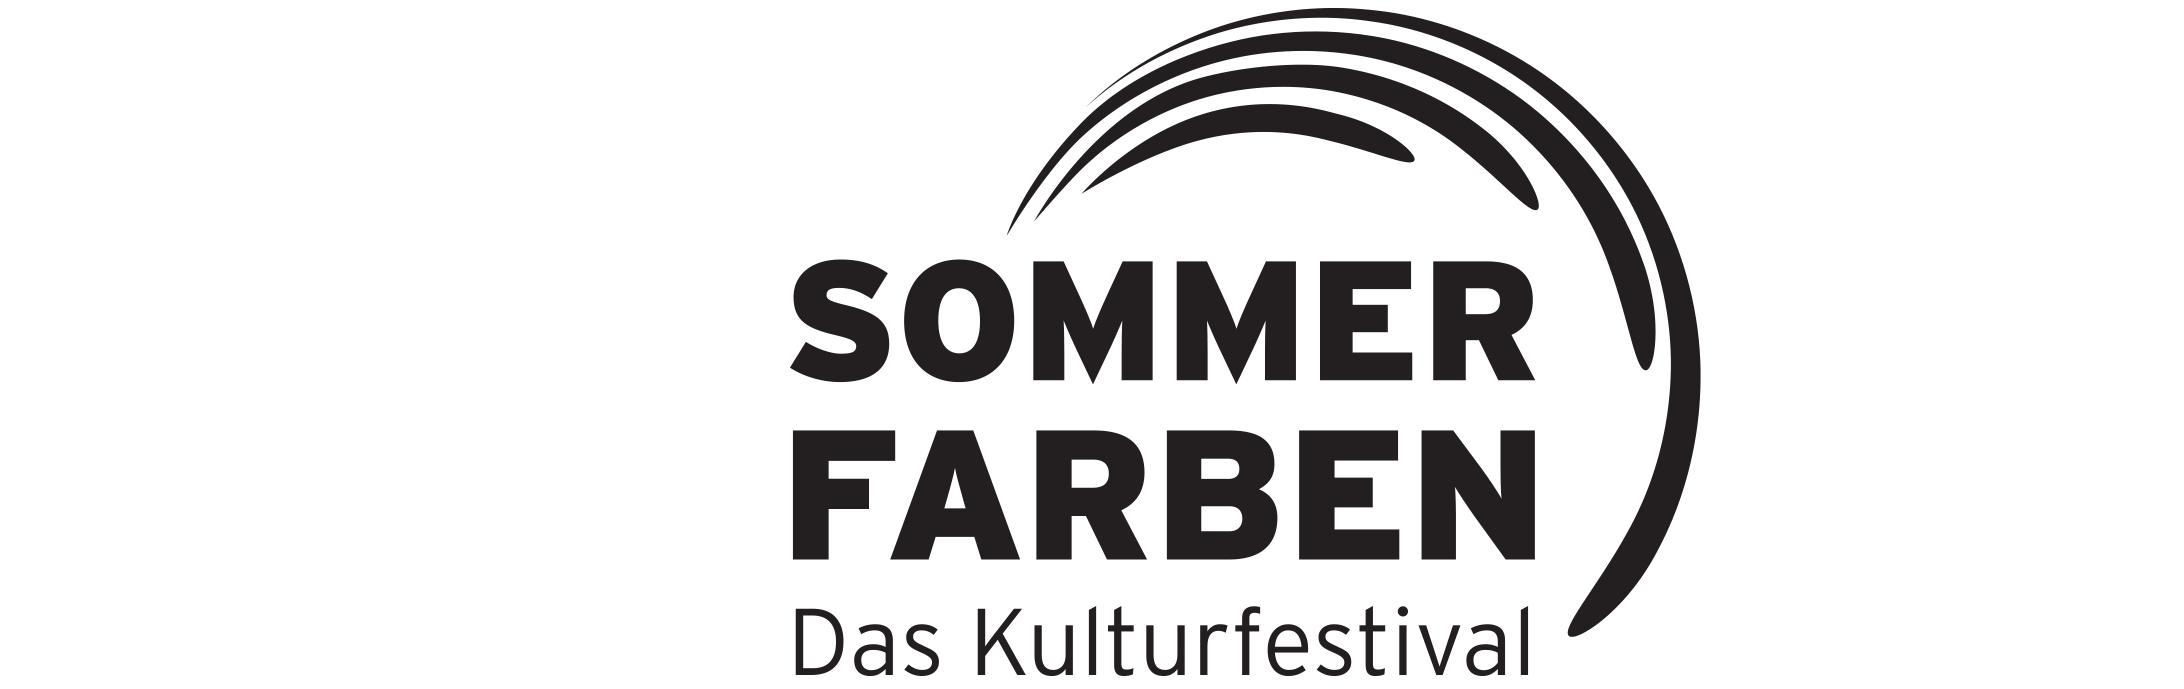 Sommerfarben Herrenberg Logo